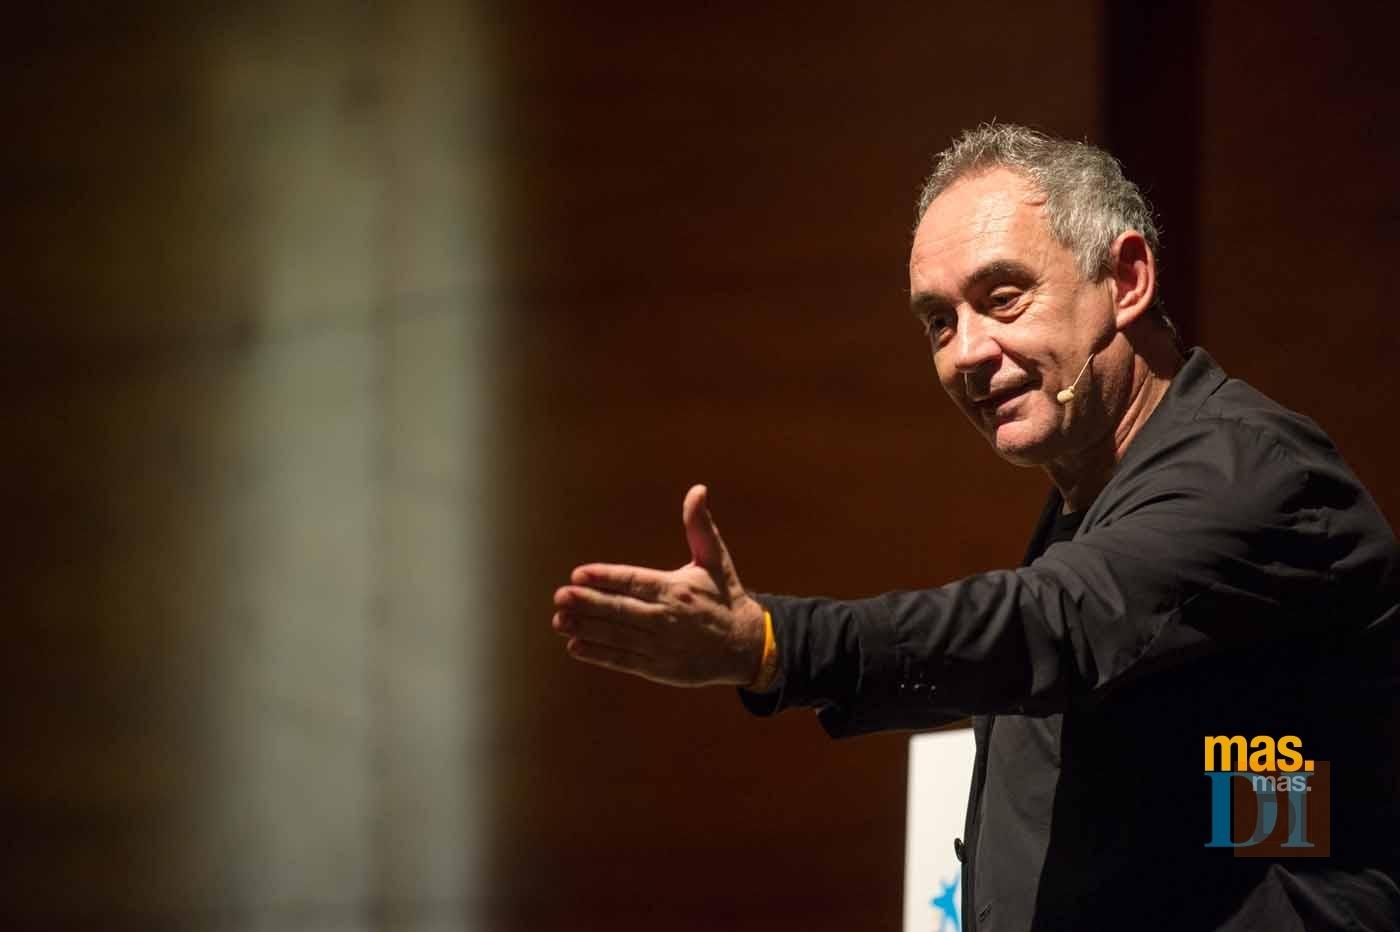 Lección magistral de Ferran Adrià para acercarse al éxito